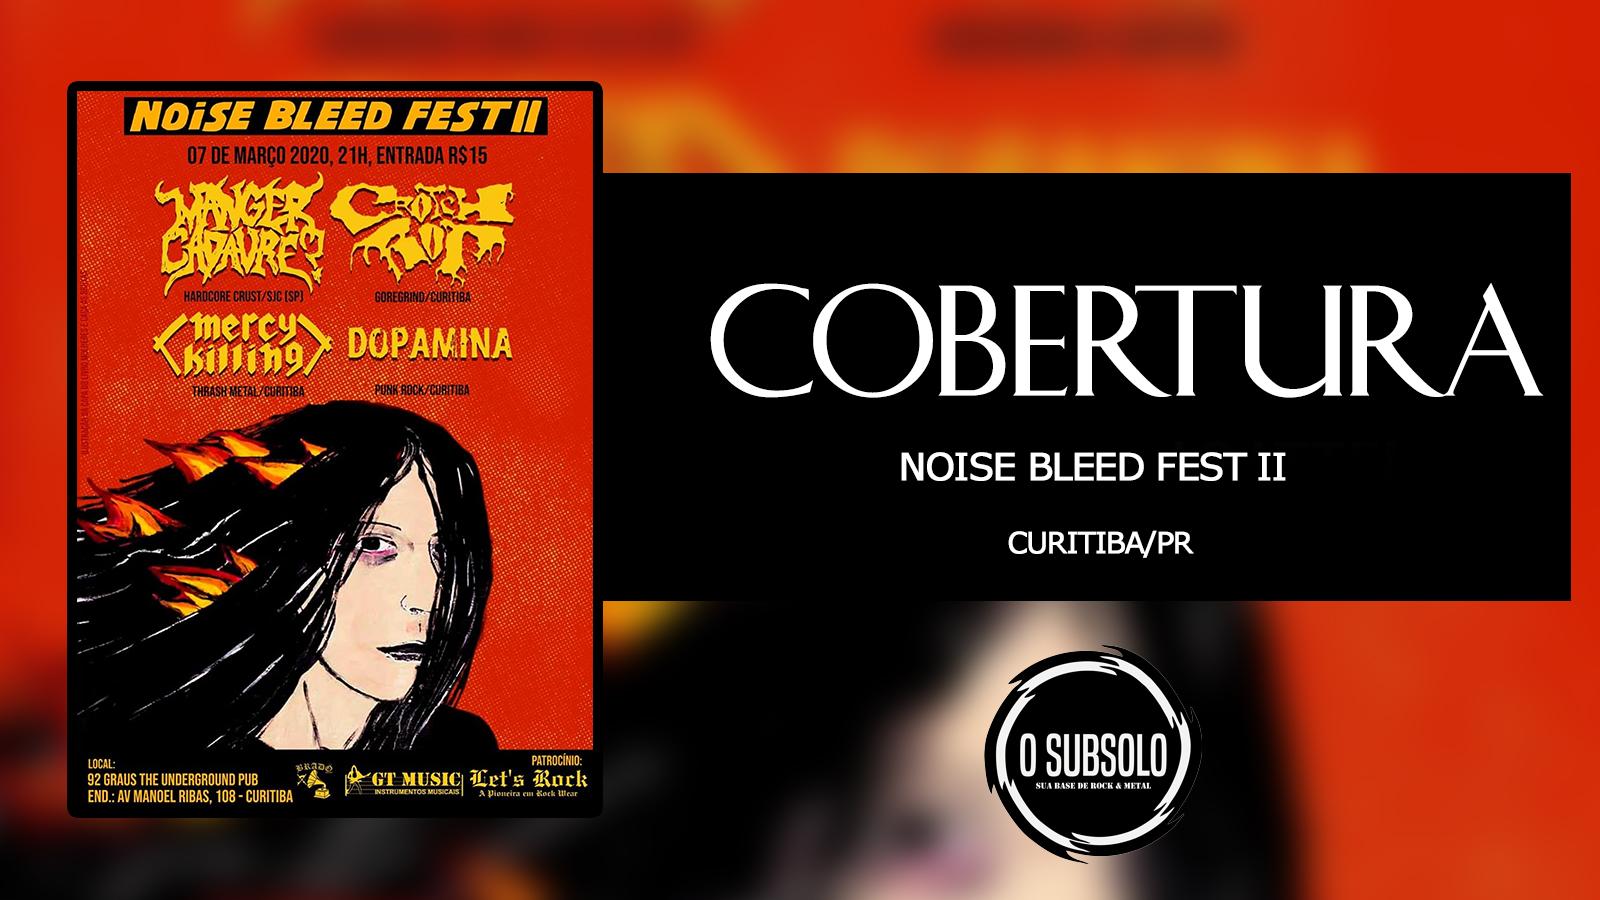 O SUBSOLO   COBERTURA   NOISE BLEED FEST II